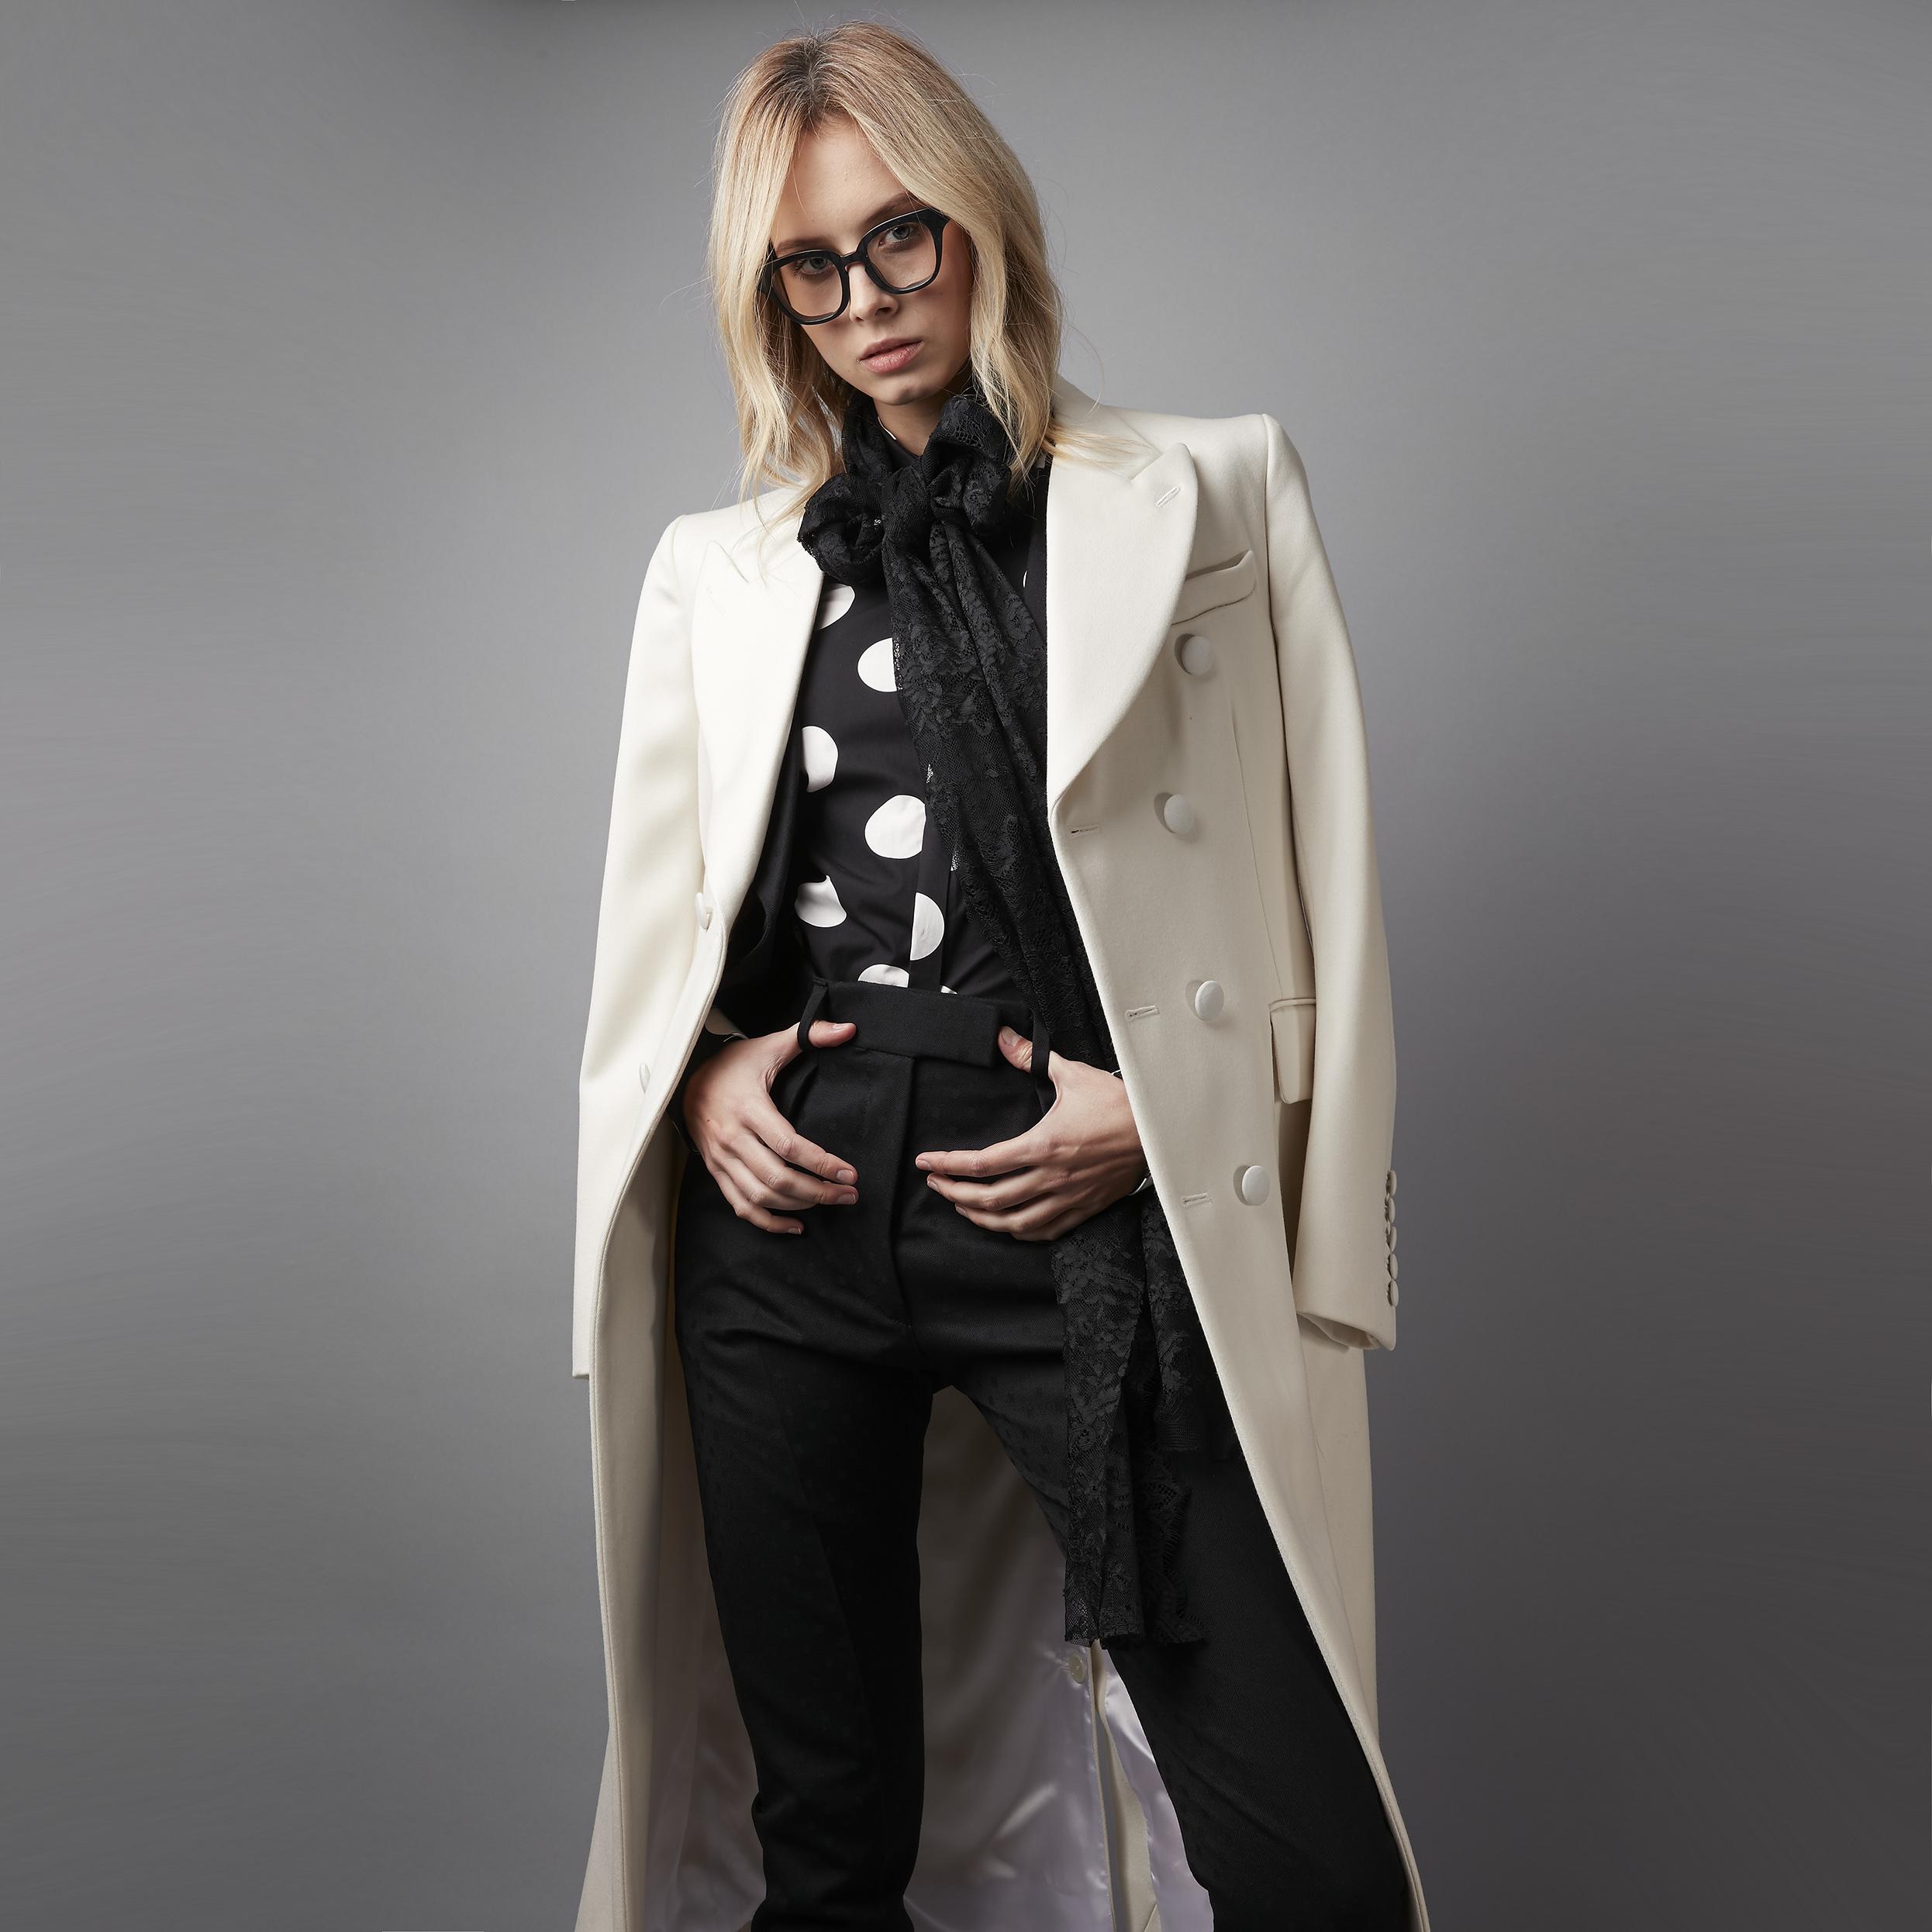 White dress coat -  The Fawcett White Imperial Dress Coat